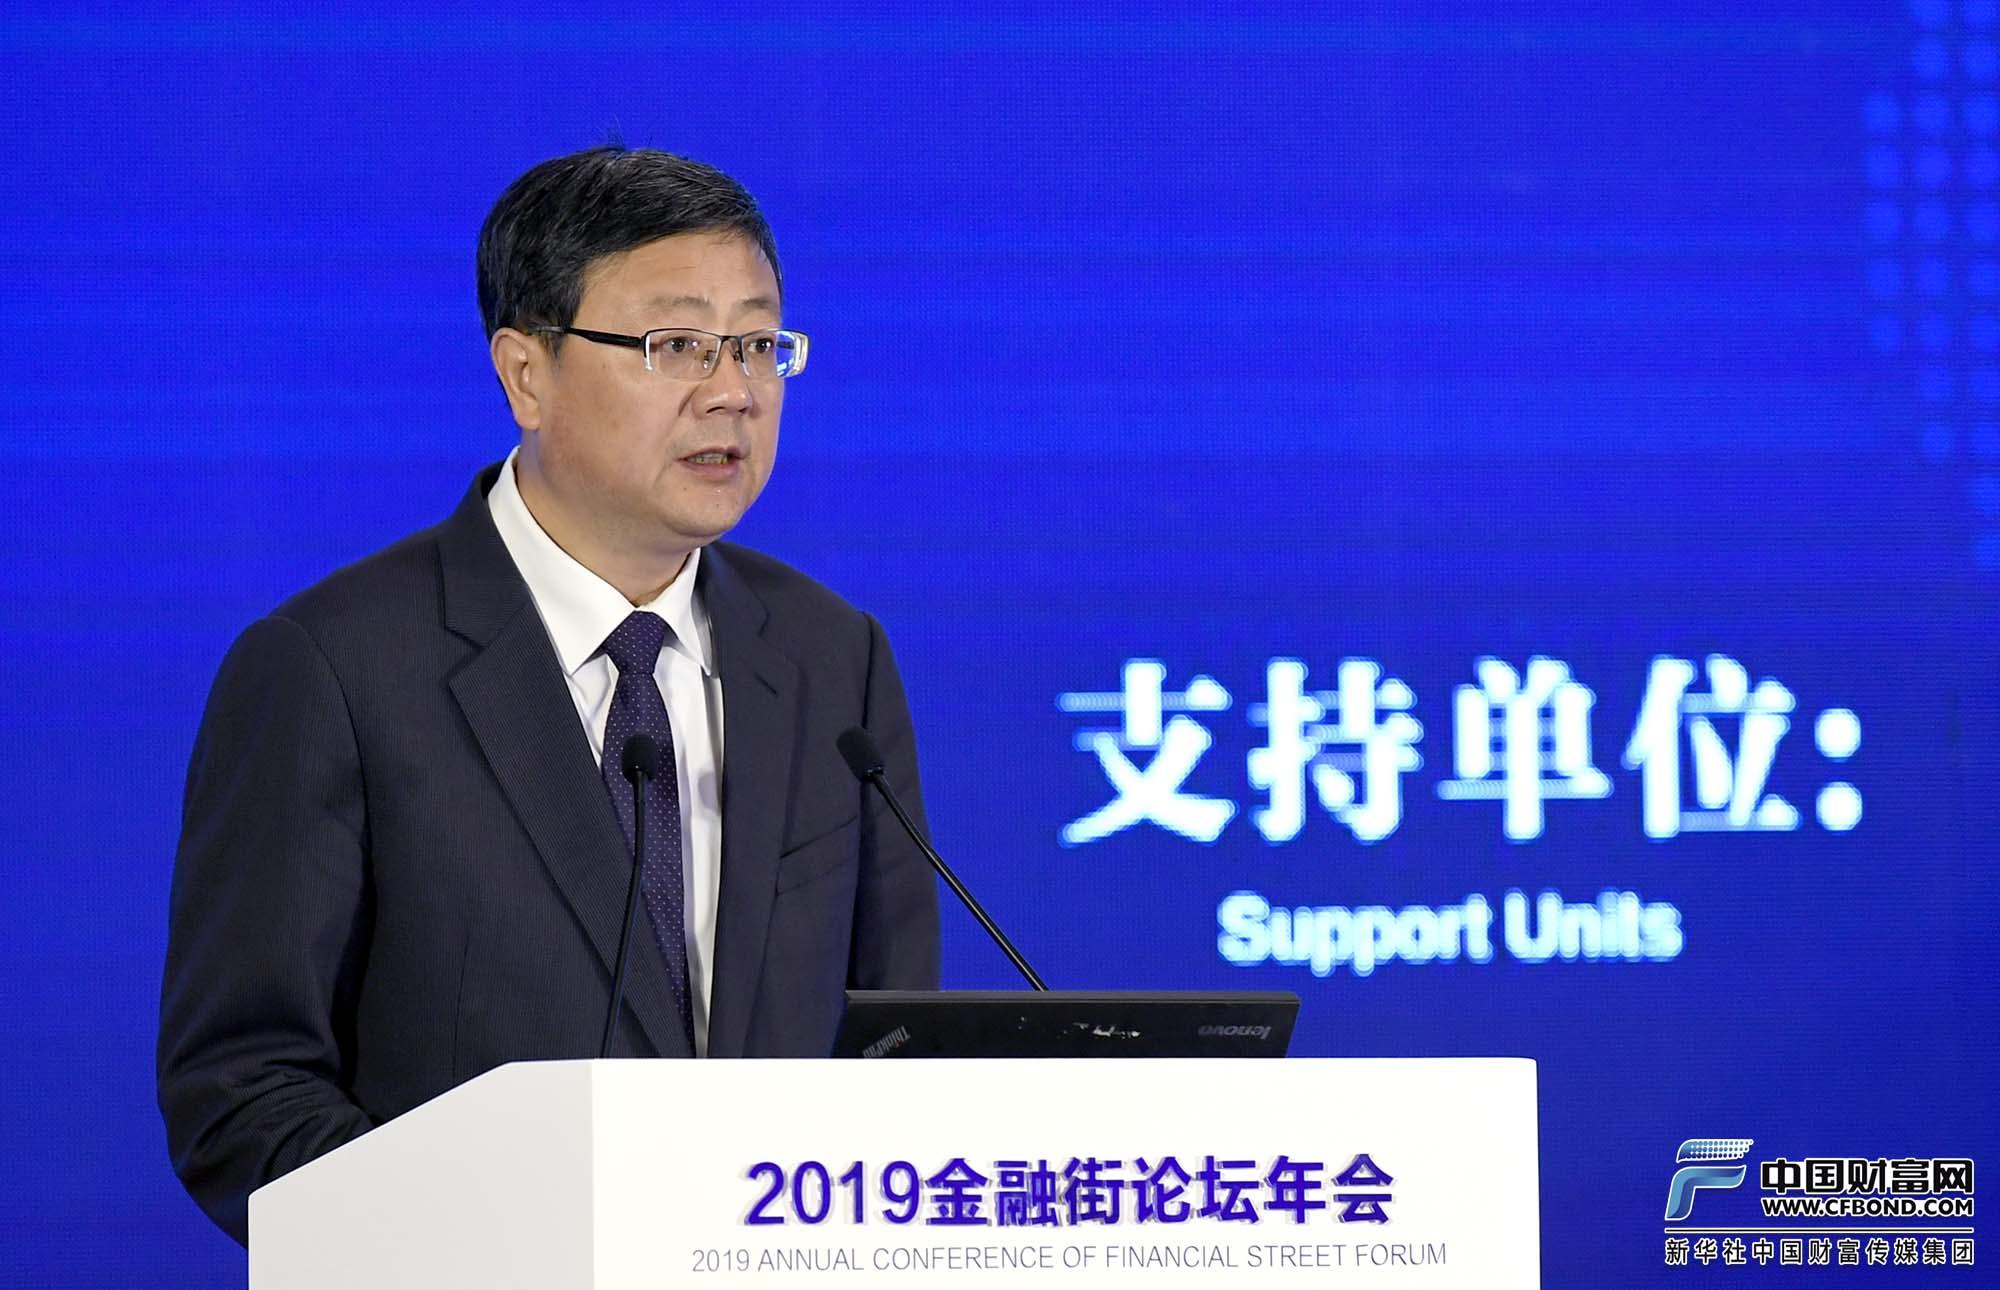 演讲嘉宾:北京市市长陈吉宁